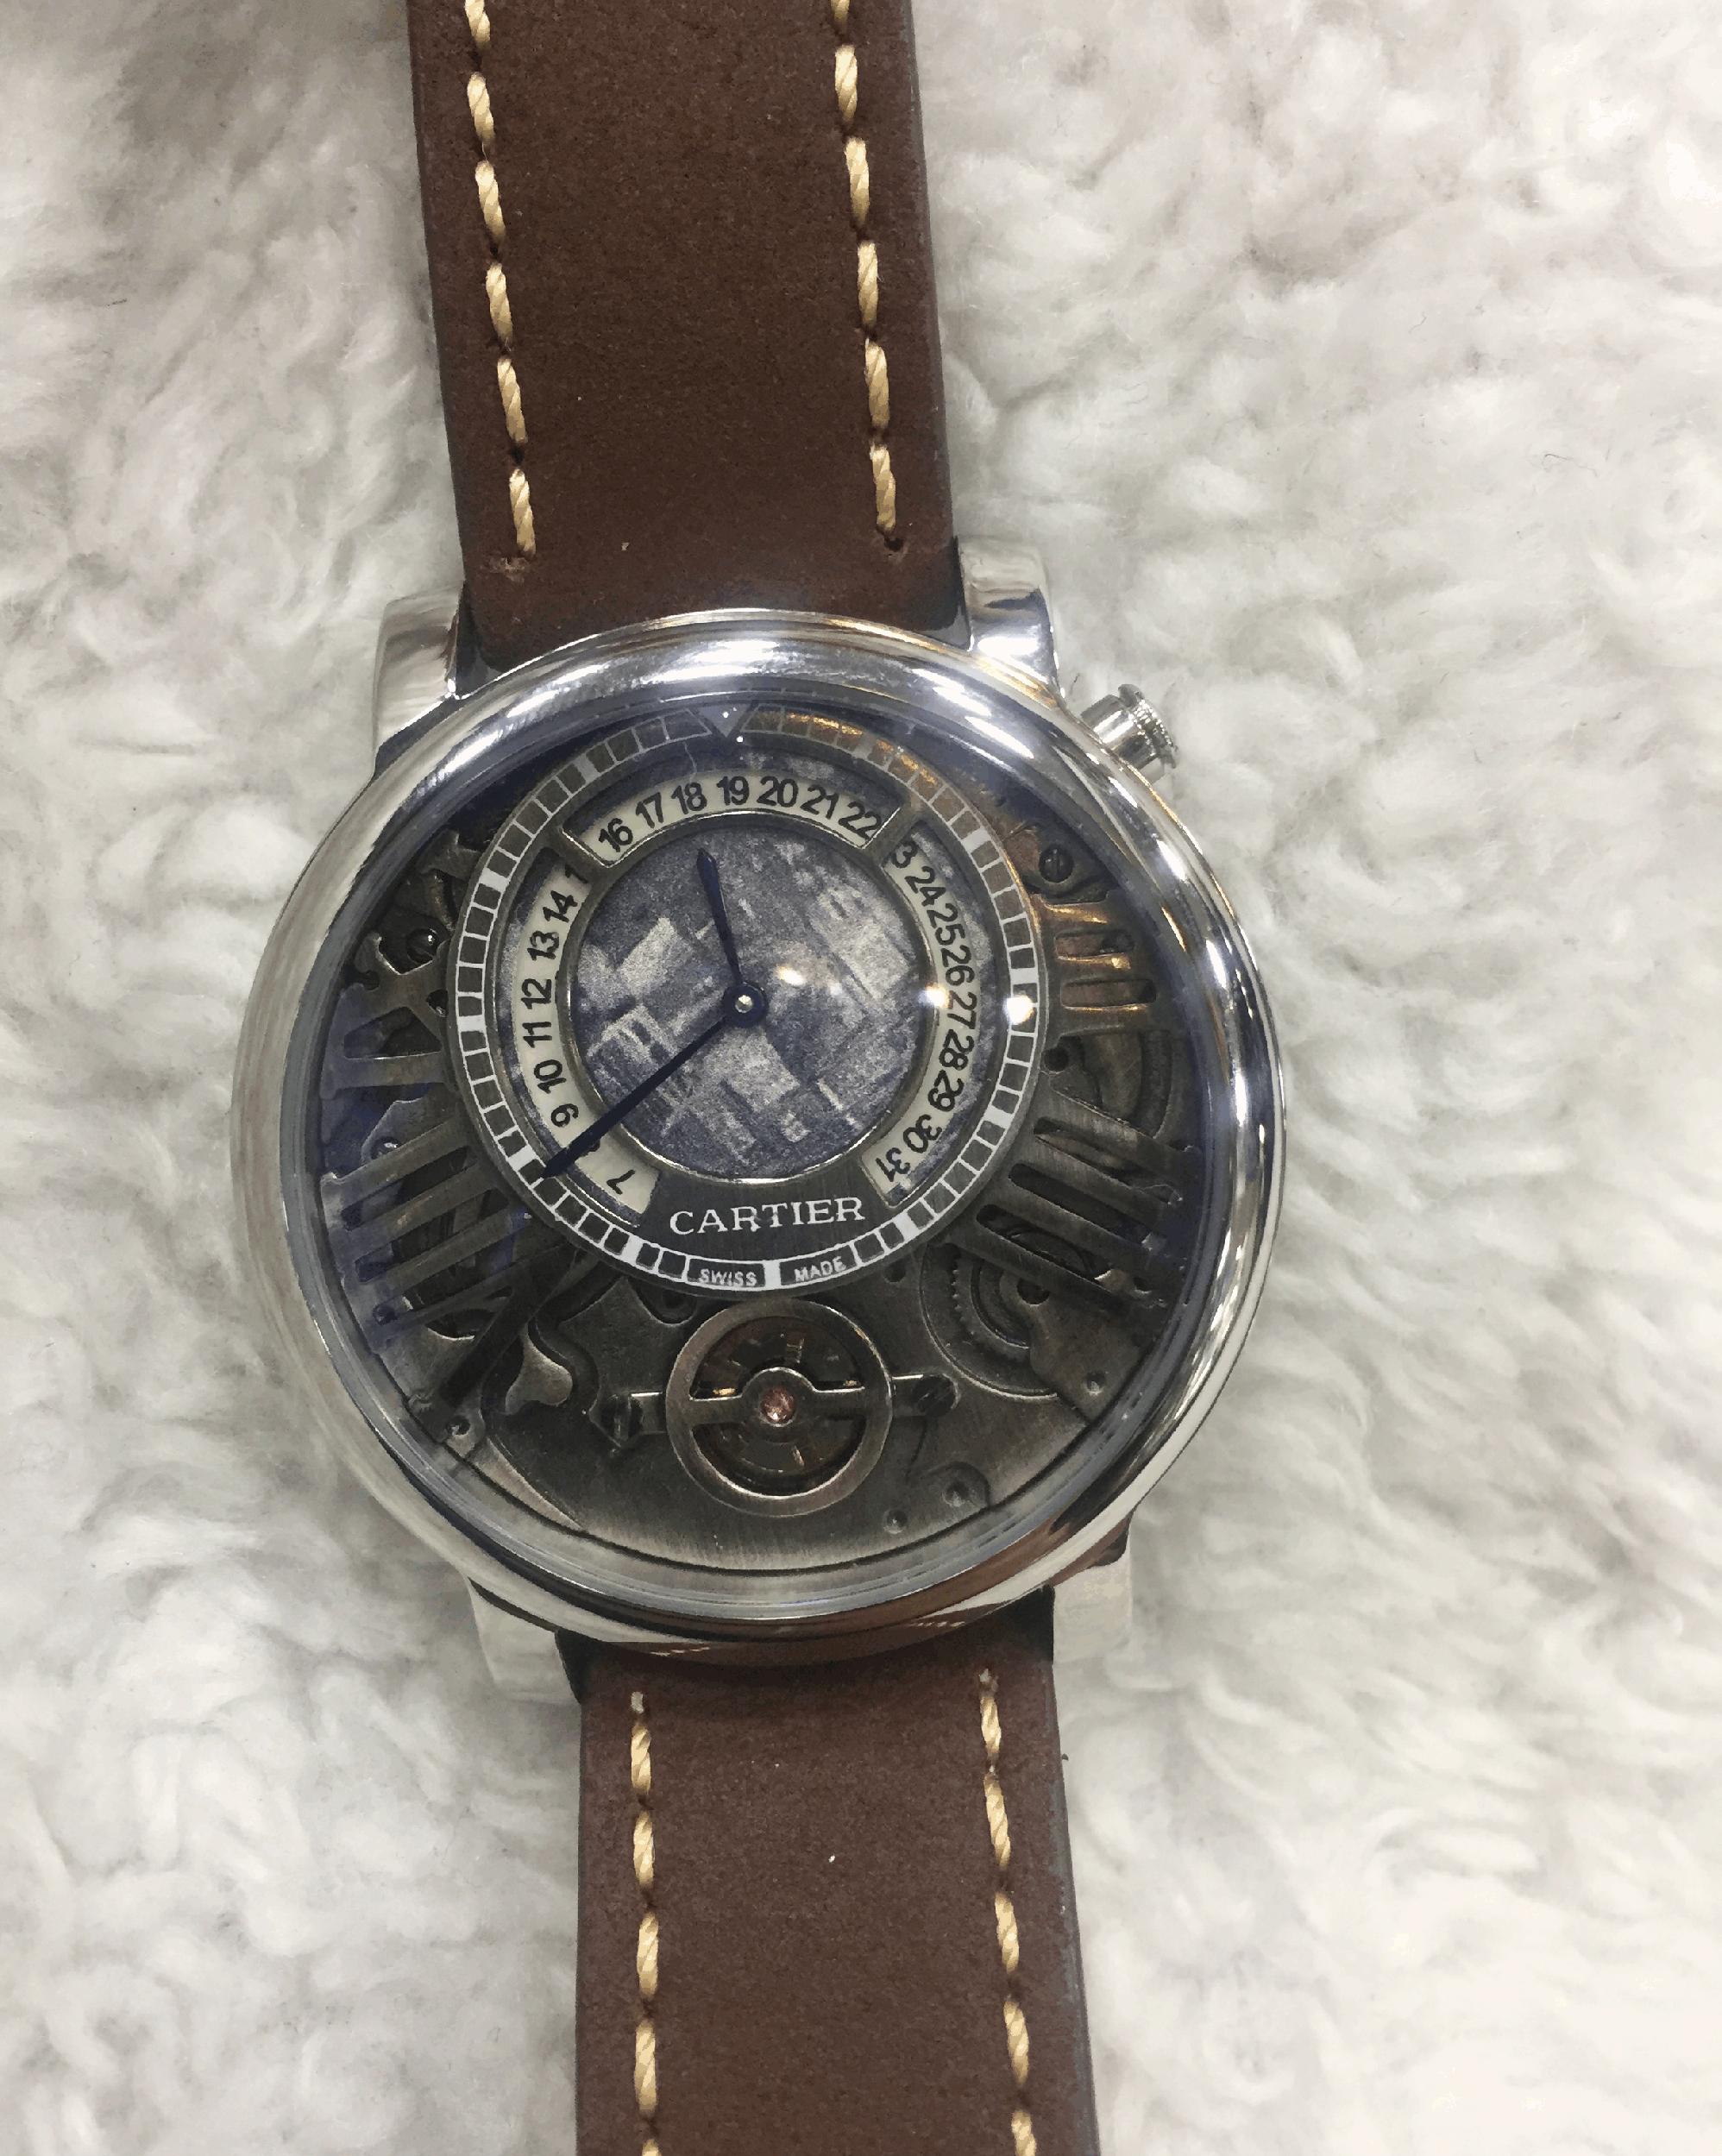 Replica de Relógio Cartier AU750 Couro